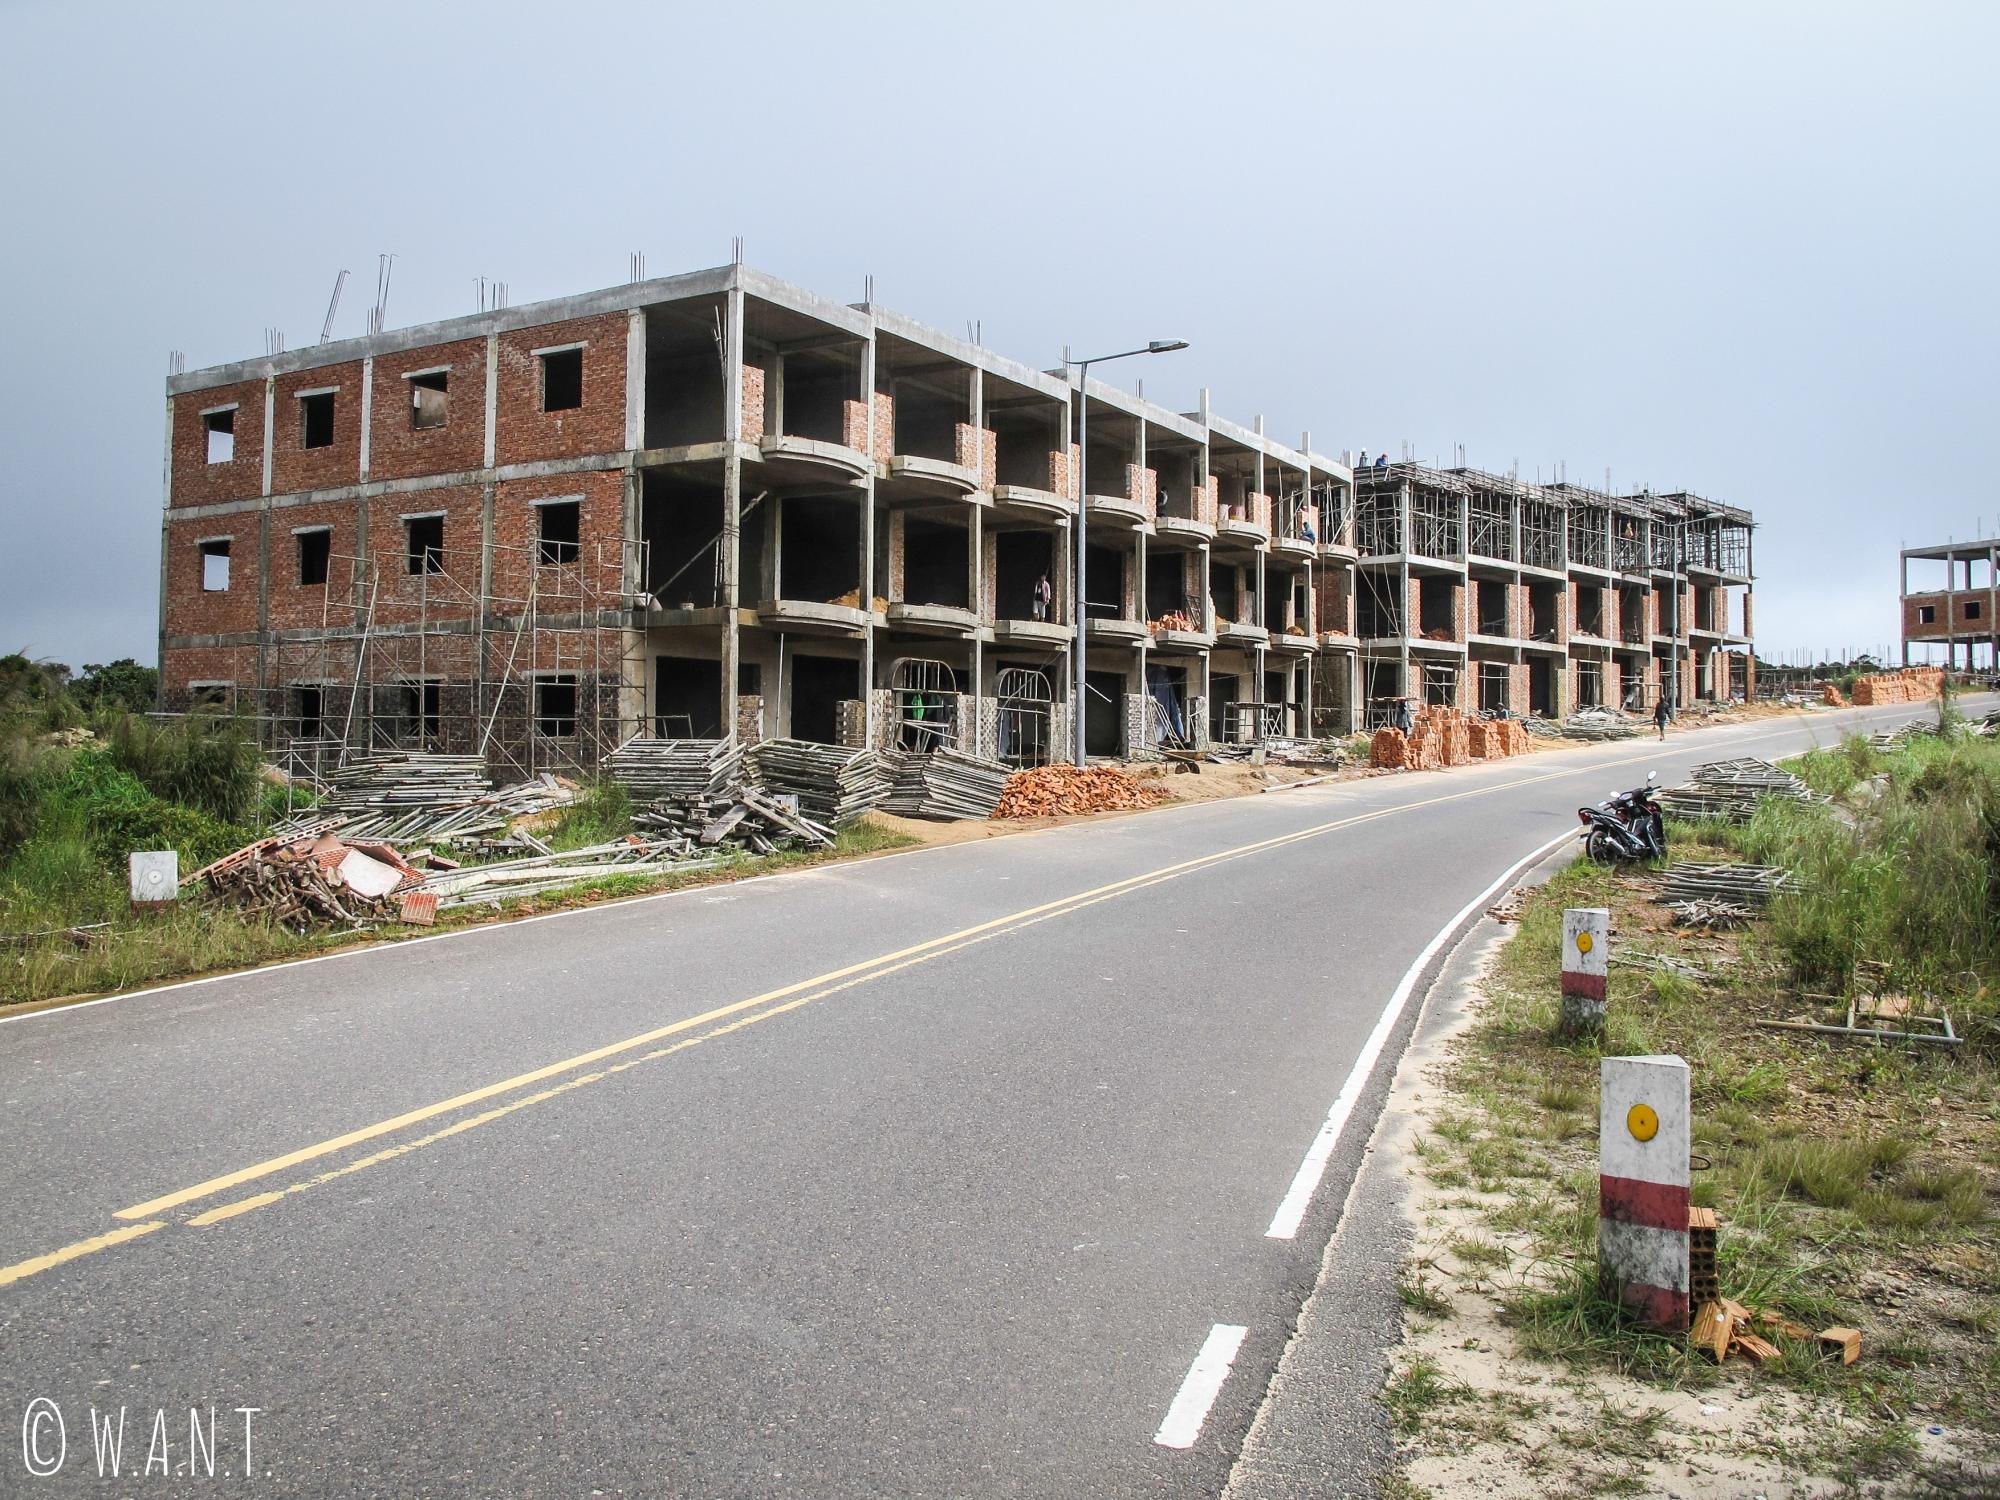 Constructions en cours à Bokor Hill Station, dans le Parc national de Bokor